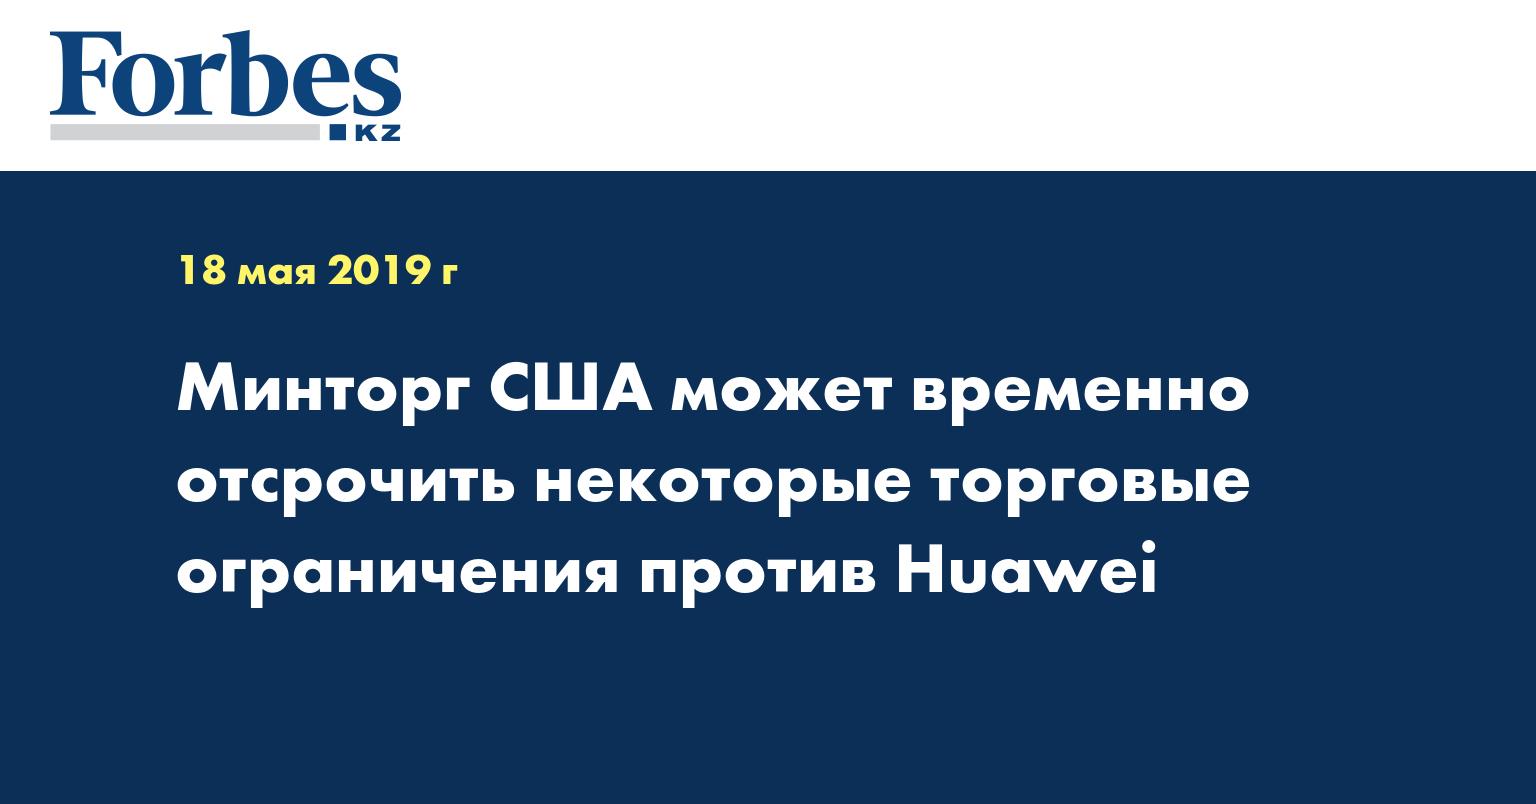 Минторг США может временно отсрочить некоторые торговые ограничения против Huawei